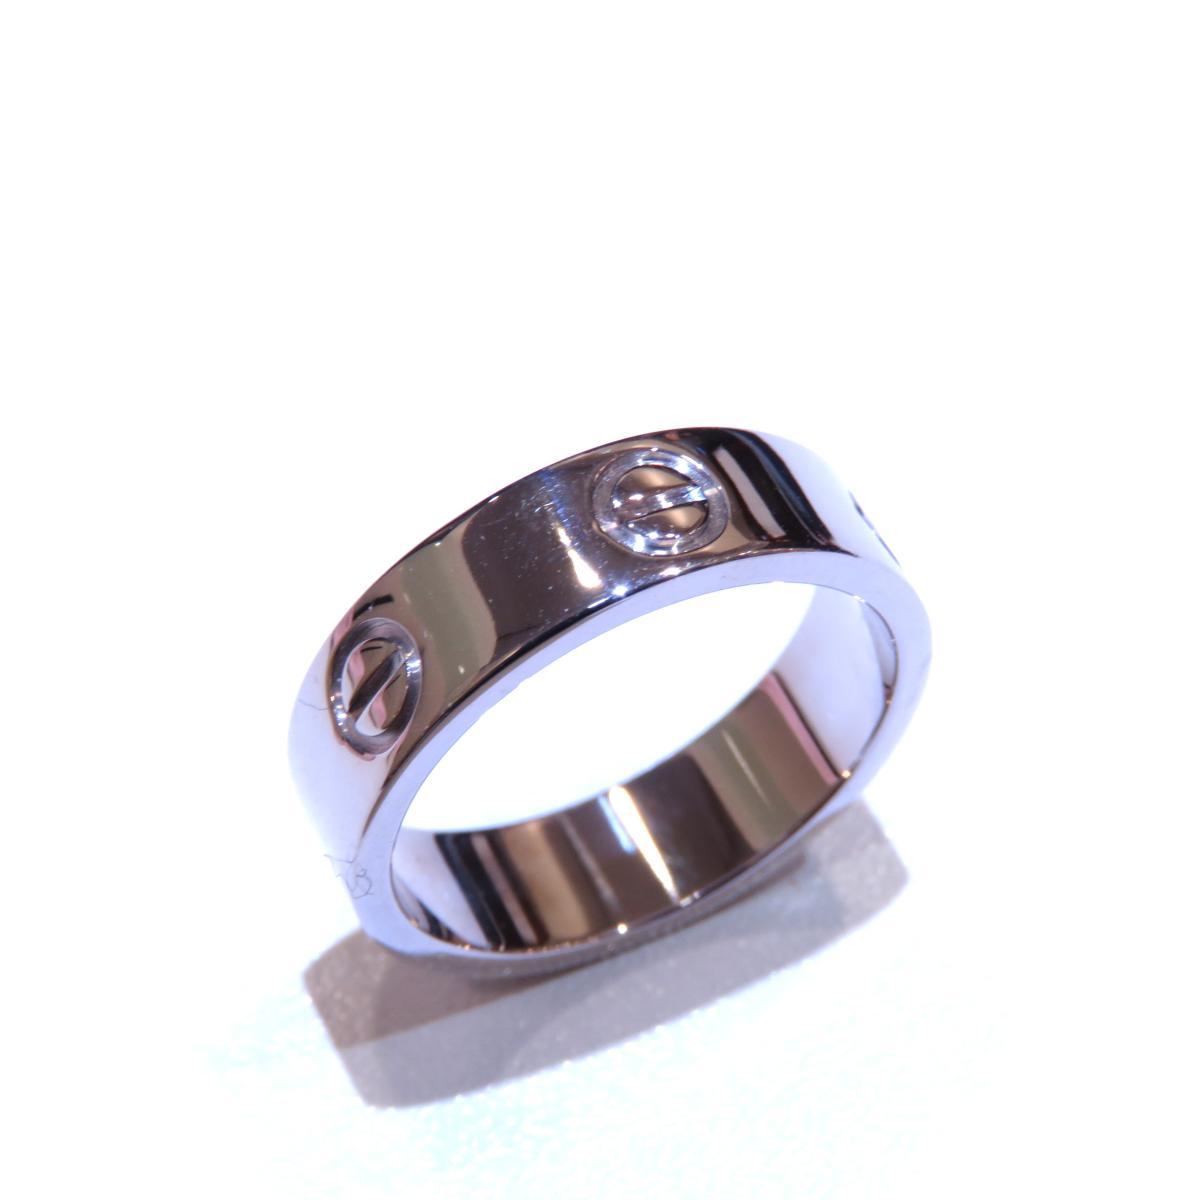 Cartier(カルティエ)/ラブリング 指輪/リング/シルバー系/K18WG(750)ホワイトゴールド/【ランクA】/#54/13.5号【中古】